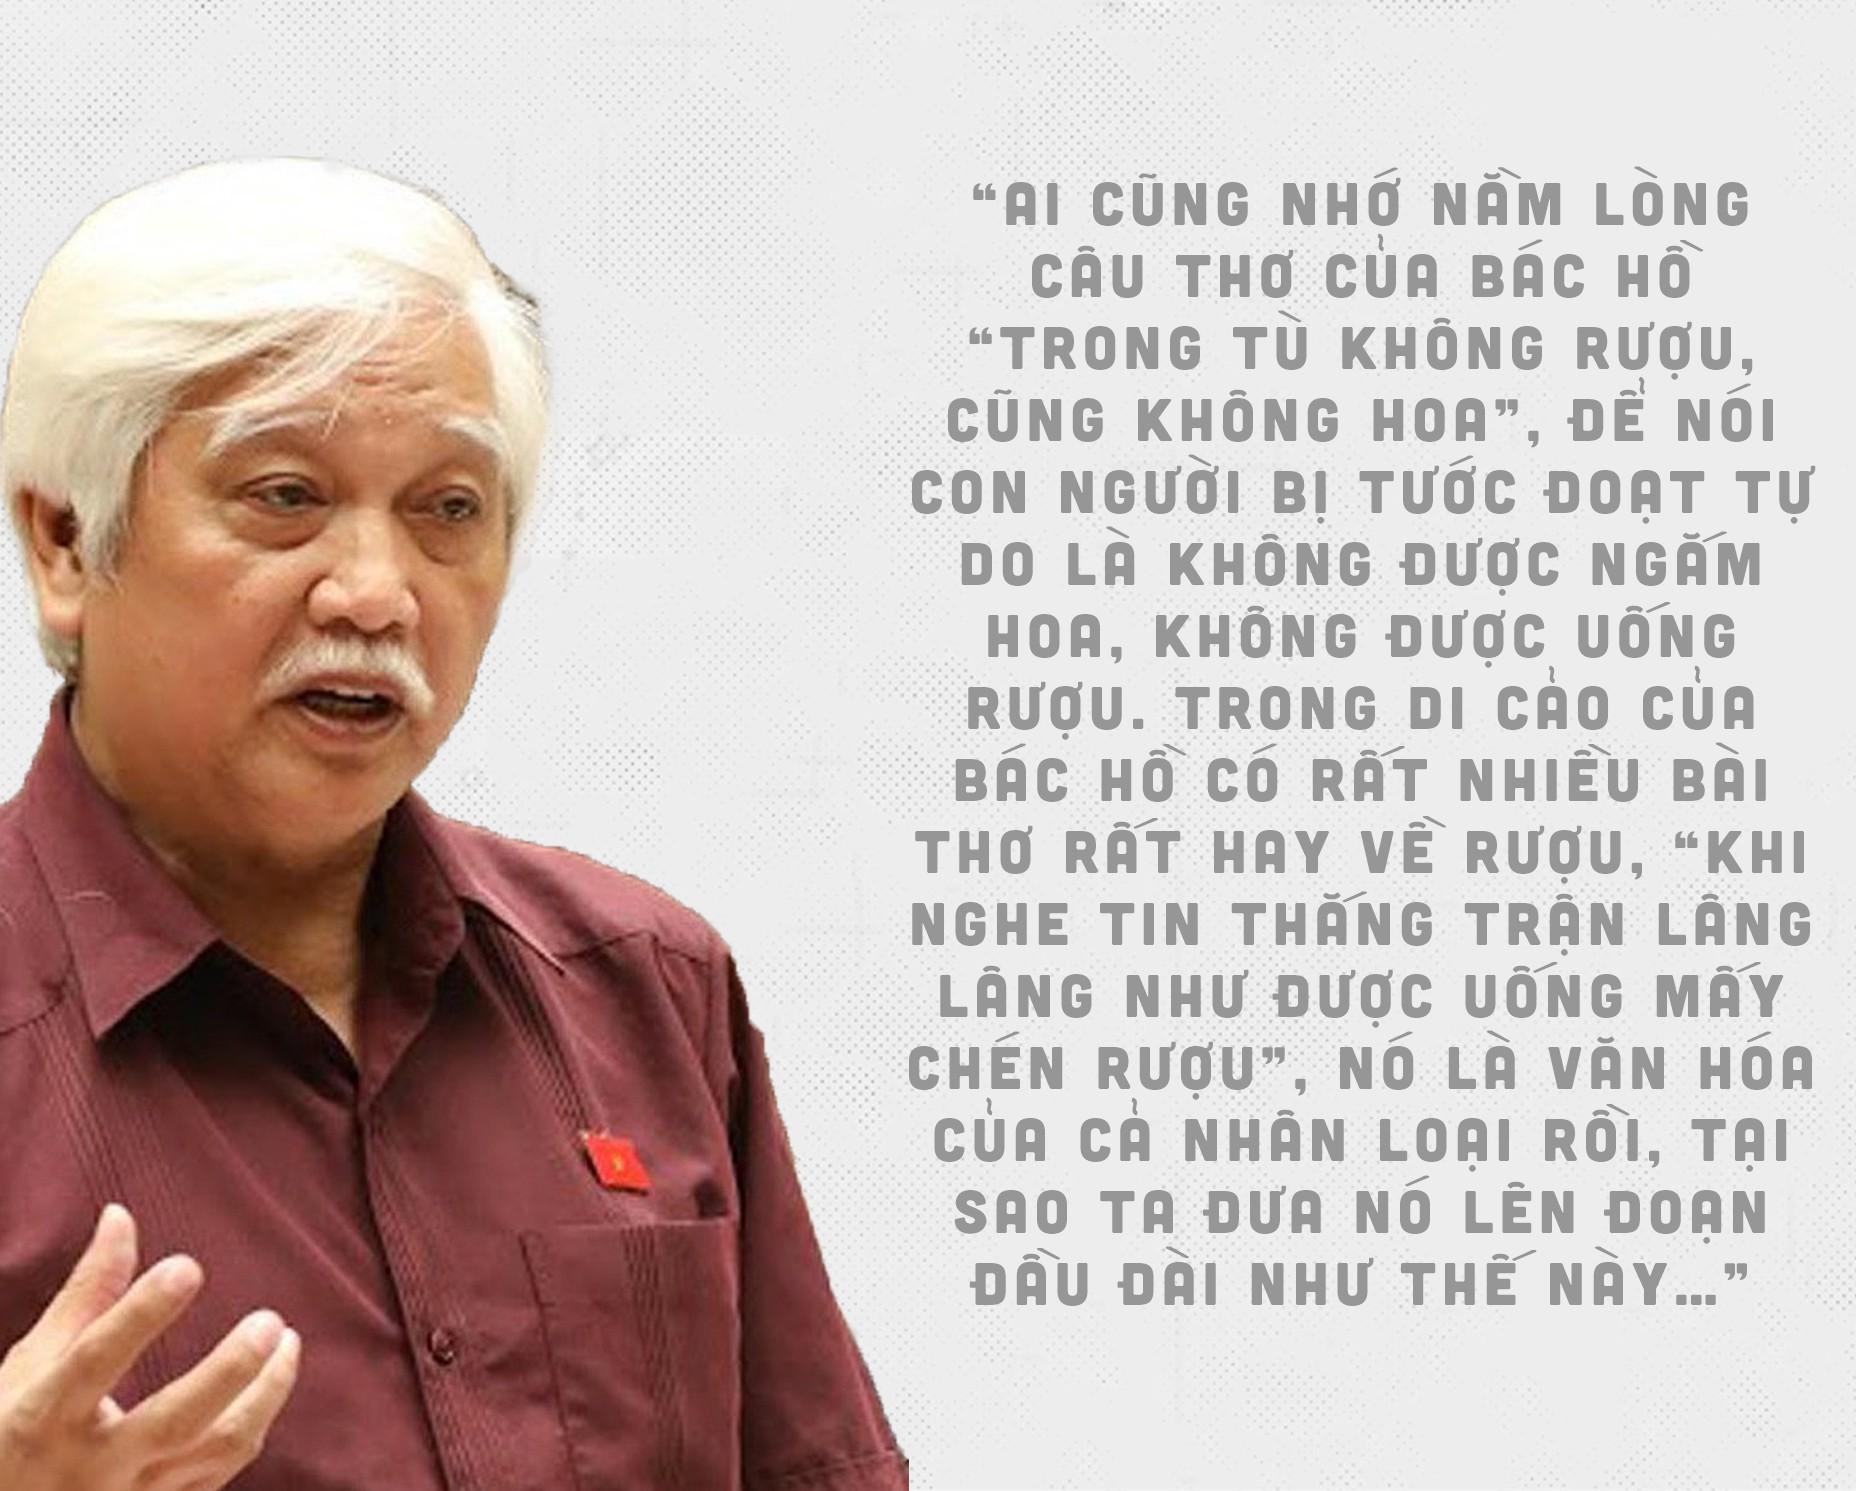 Đại biểu Quốc hội, xin hãy thận trọng khi trích dẫn hình ảnh, lời nói của Chủ tịch Hồ Chí Minh - Ảnh 5.